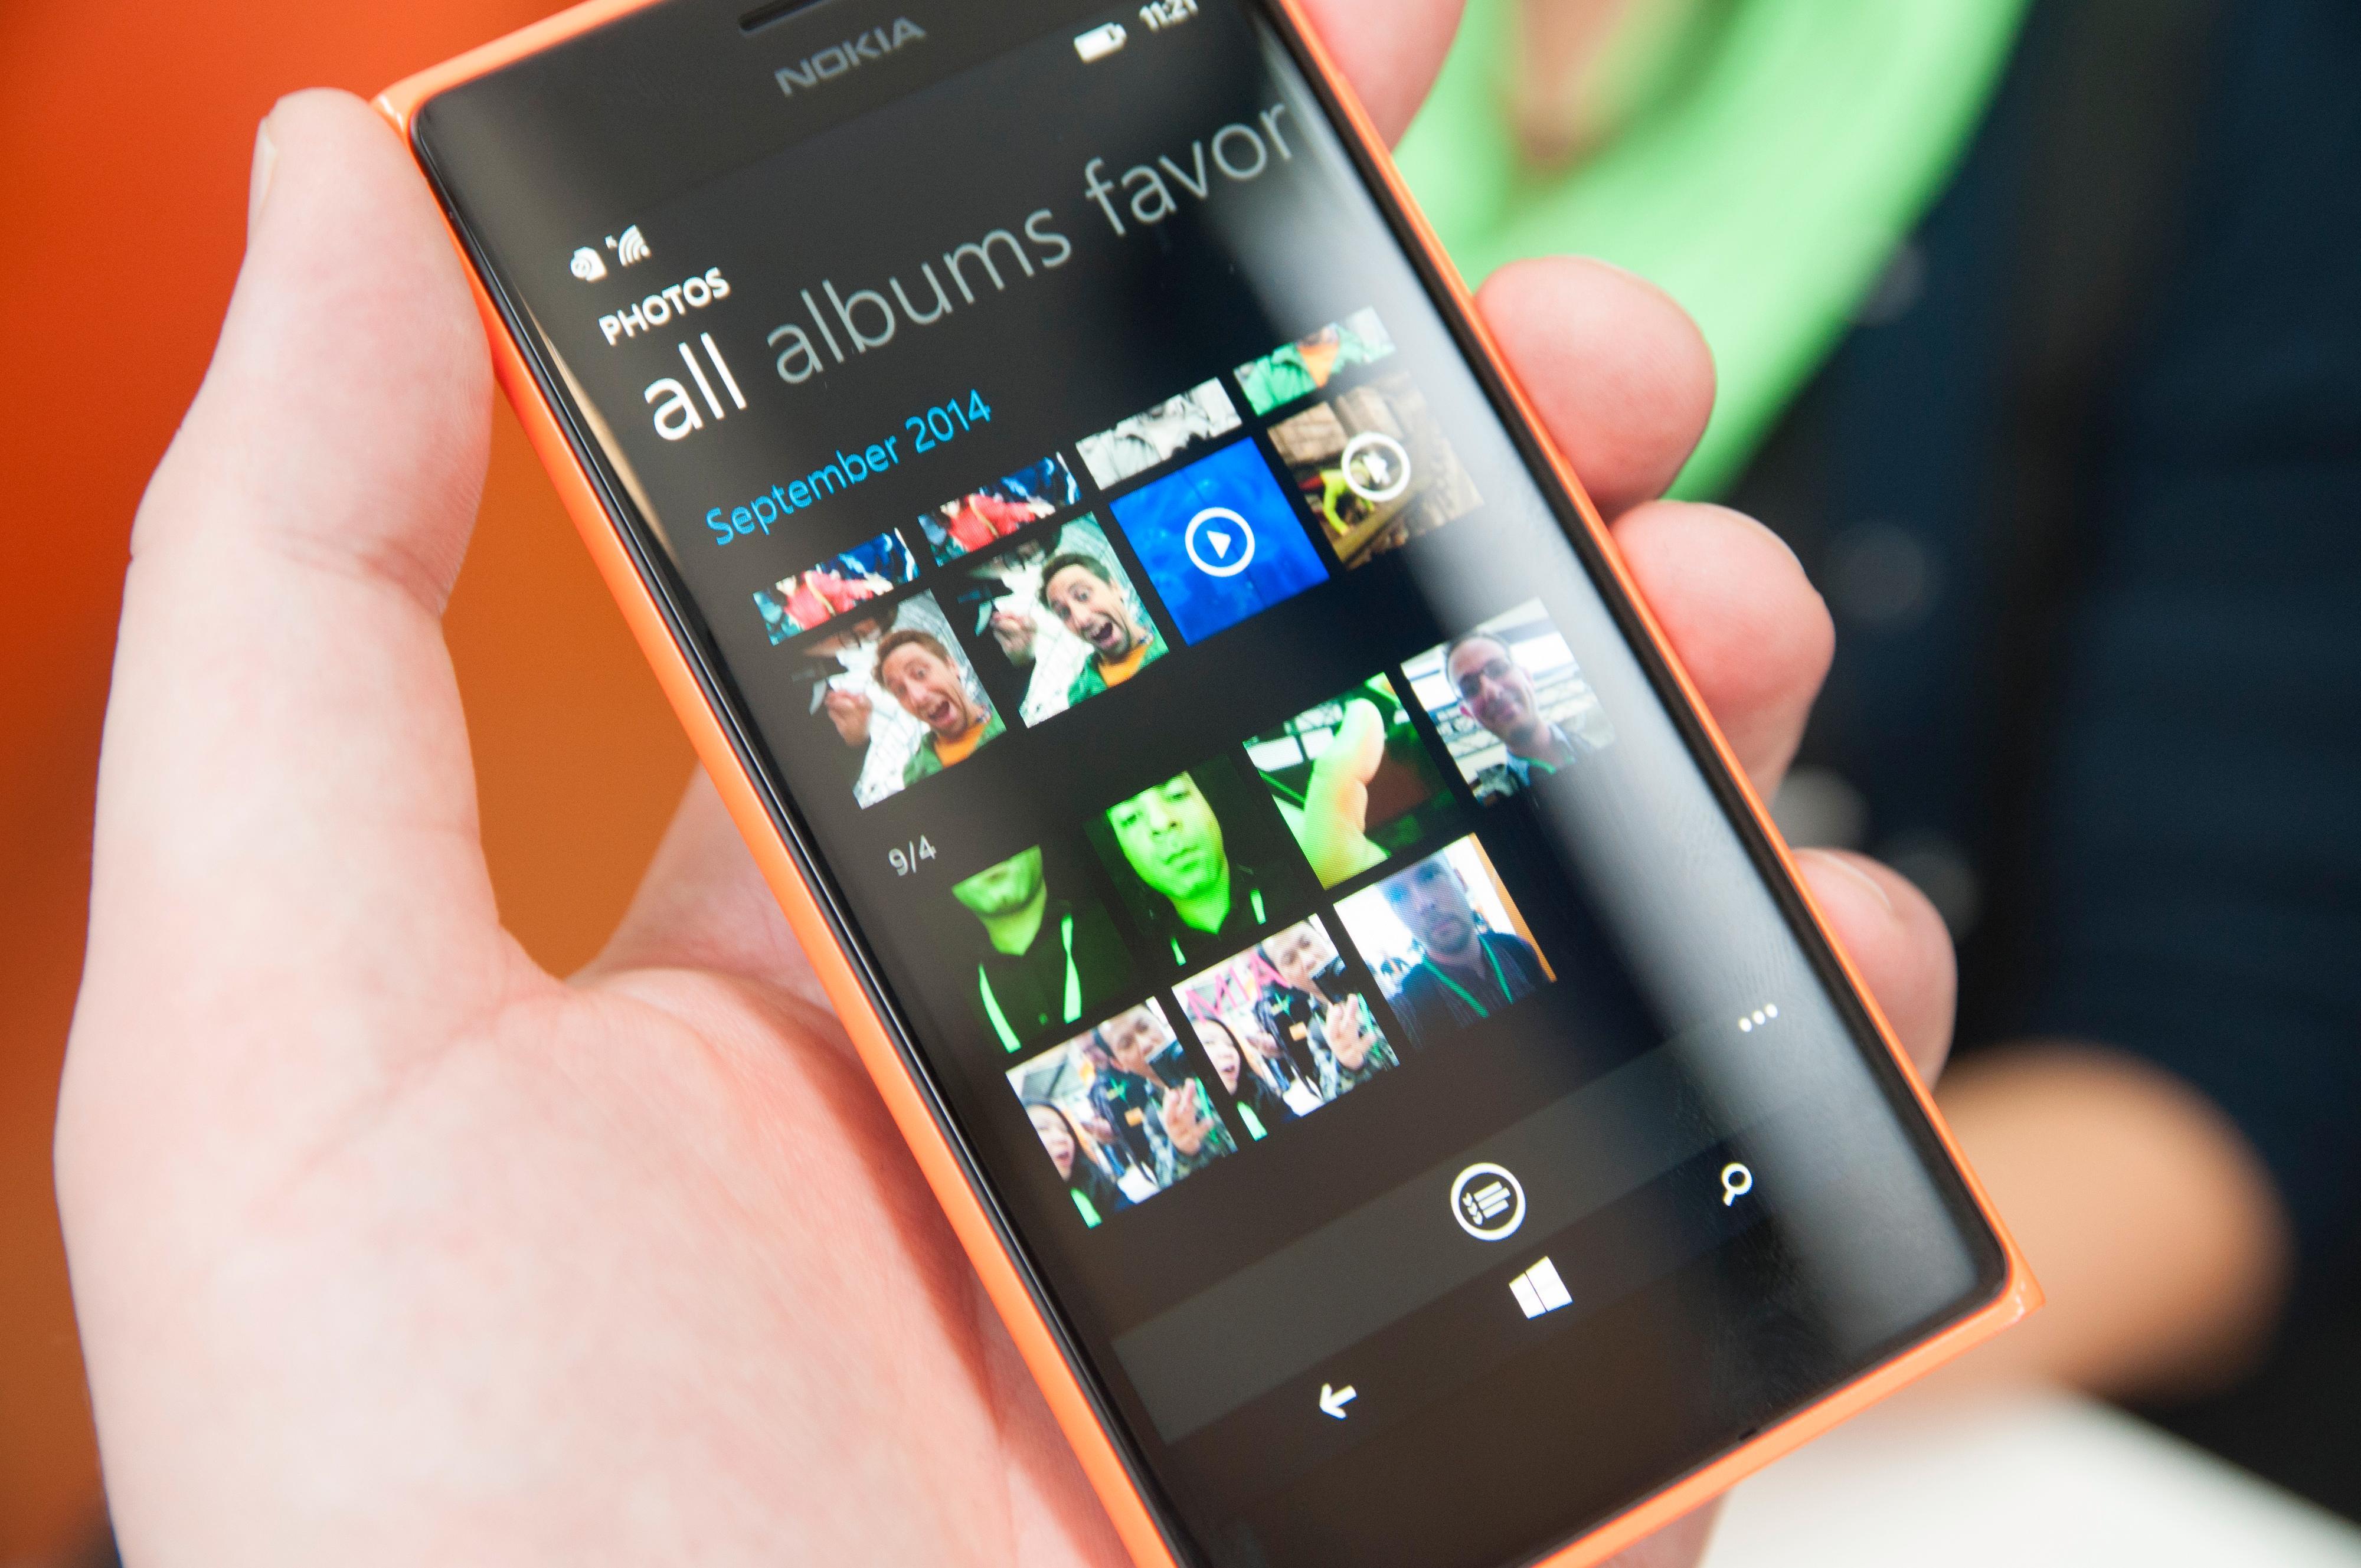 Telefonens selfie-egenskaper skapte en del interesse på lanseringen.